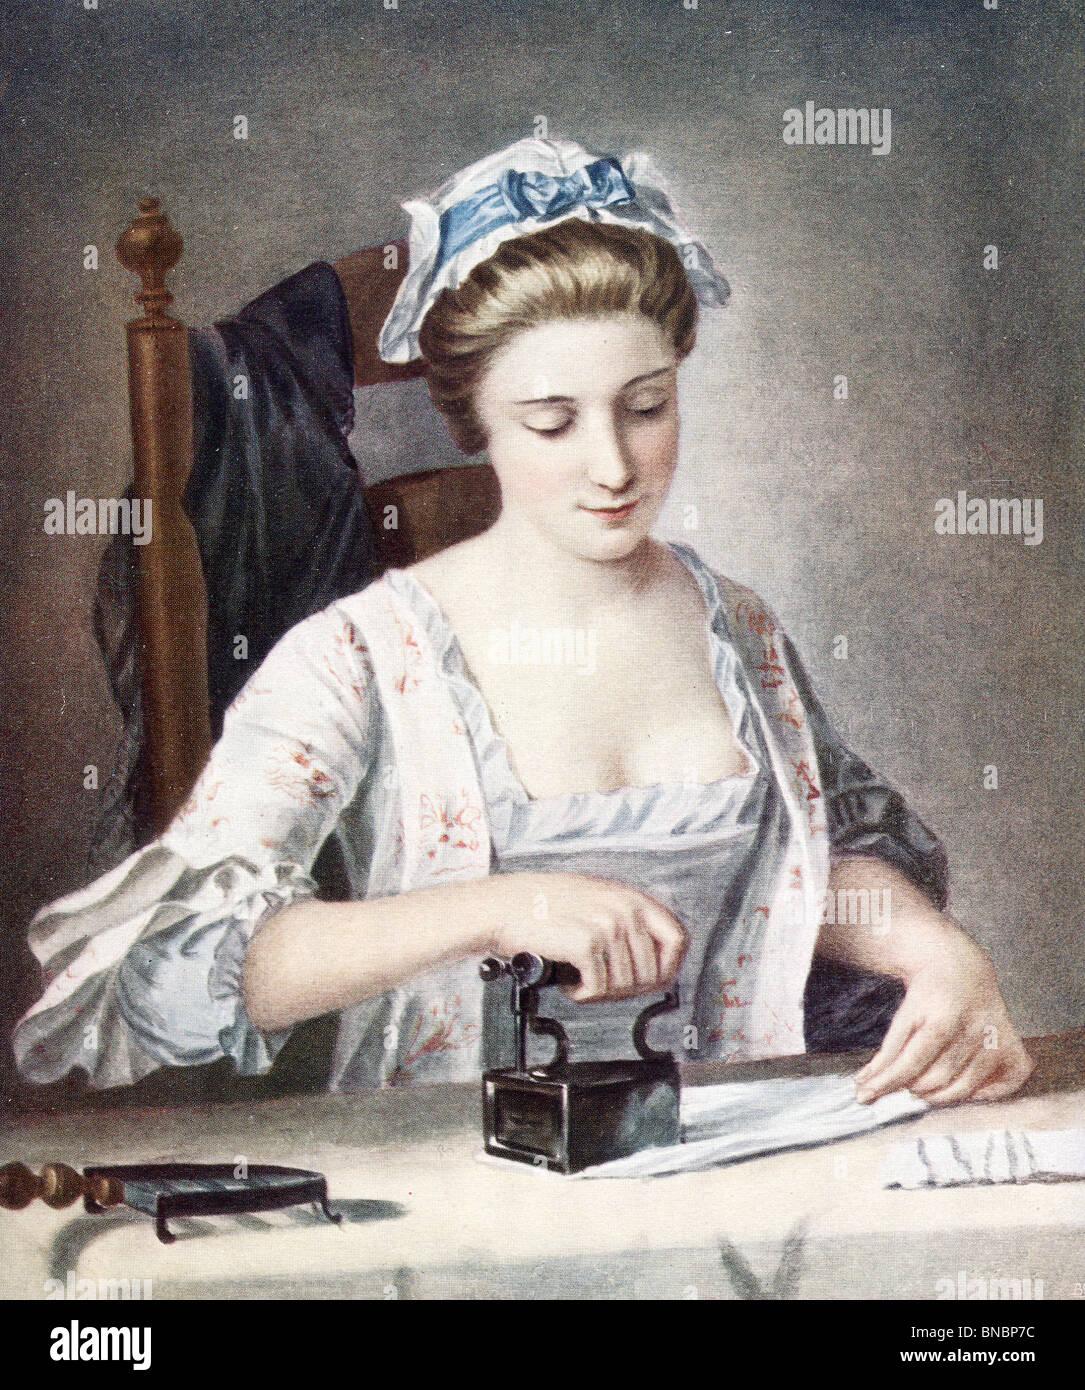 The Laundry Maid Stock Photo